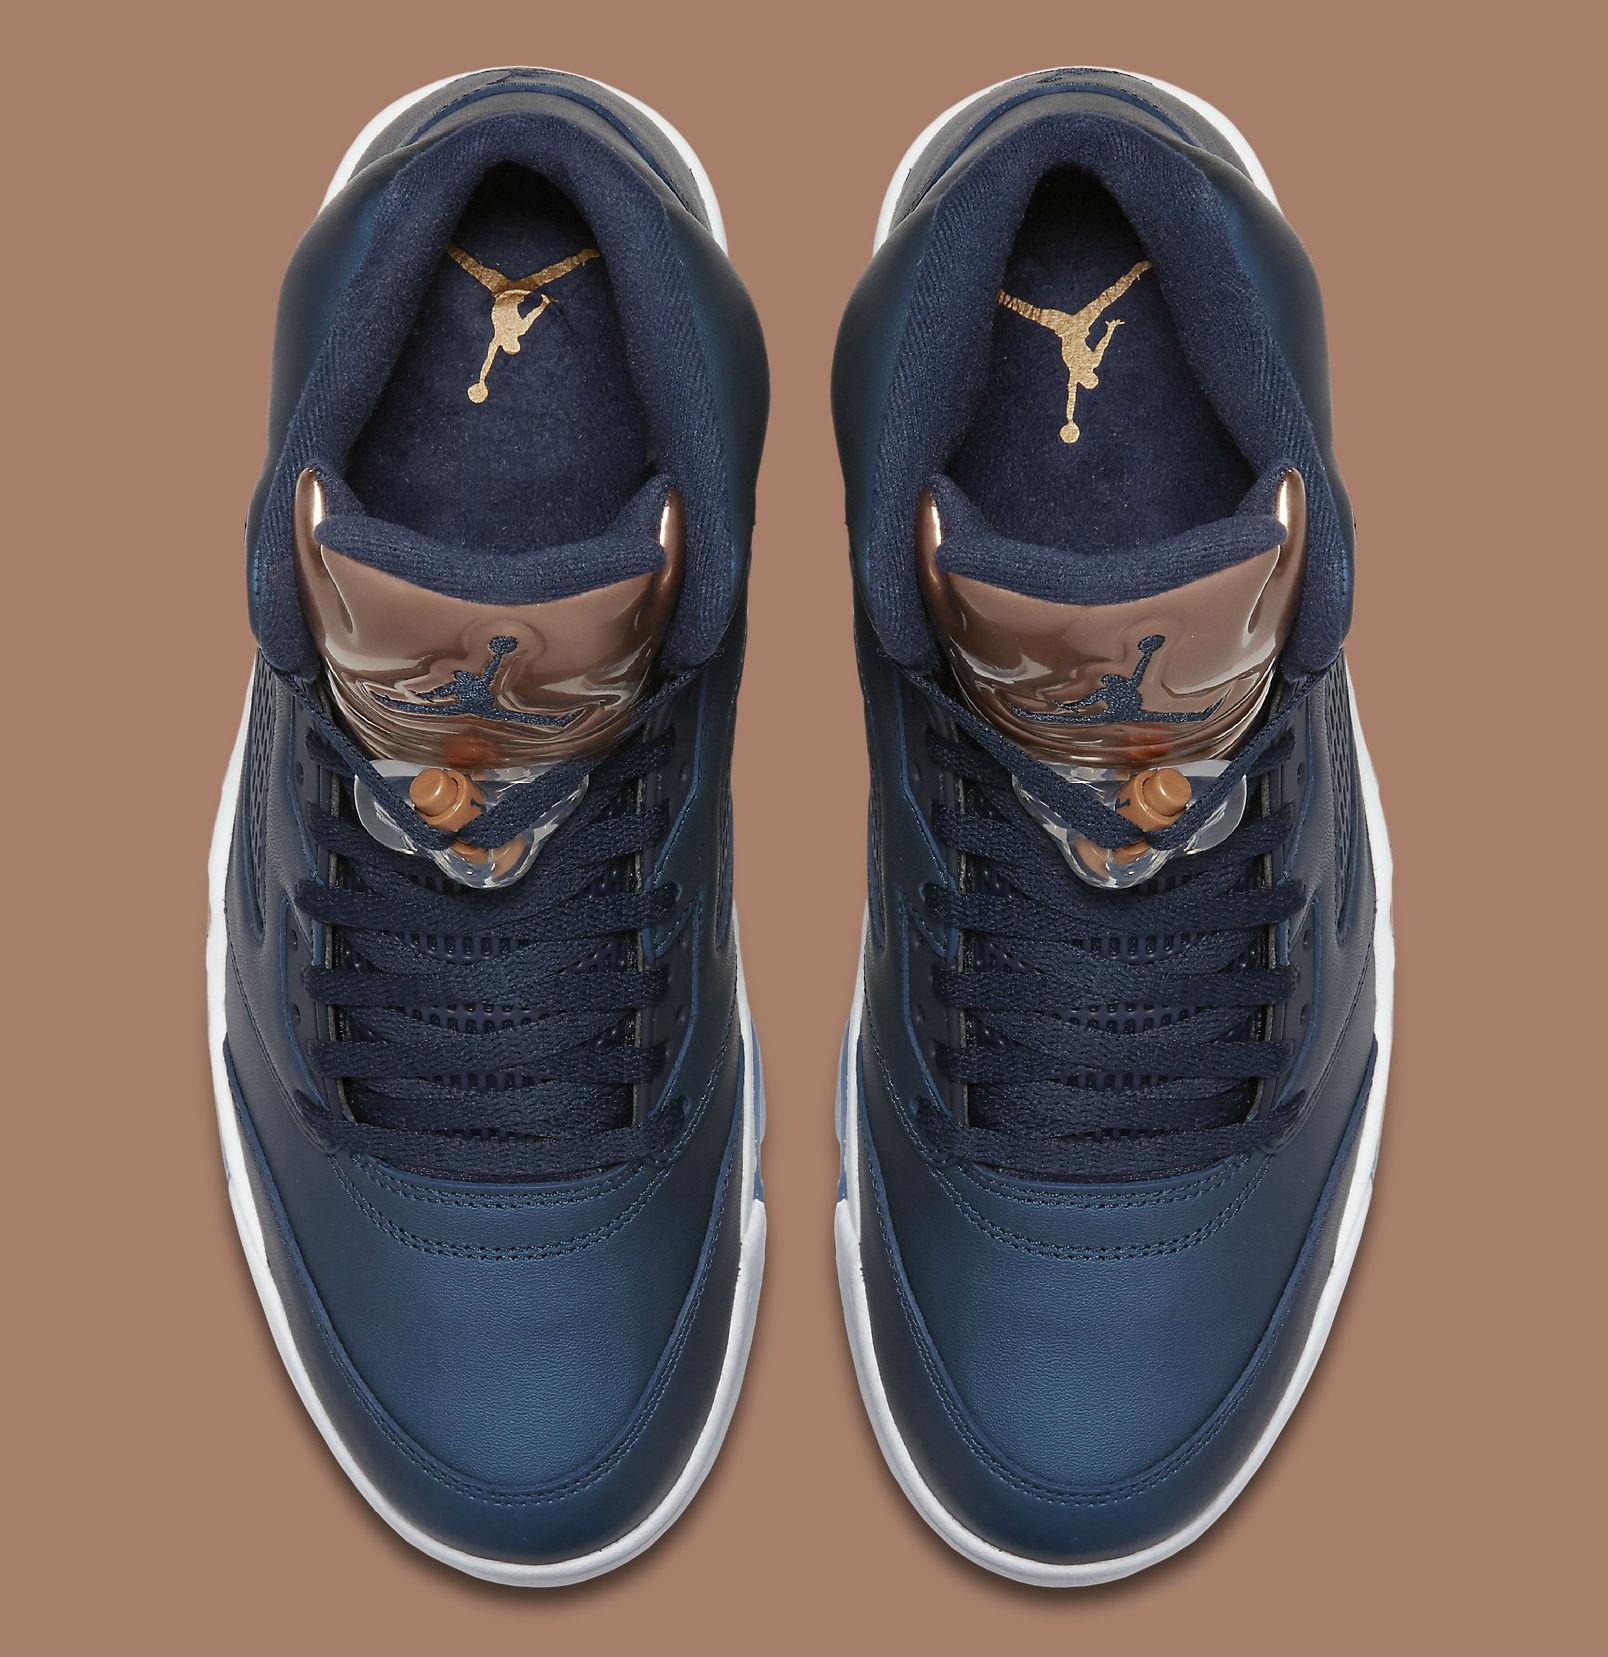 Air Jordan 5 Bronze Top 136027-416